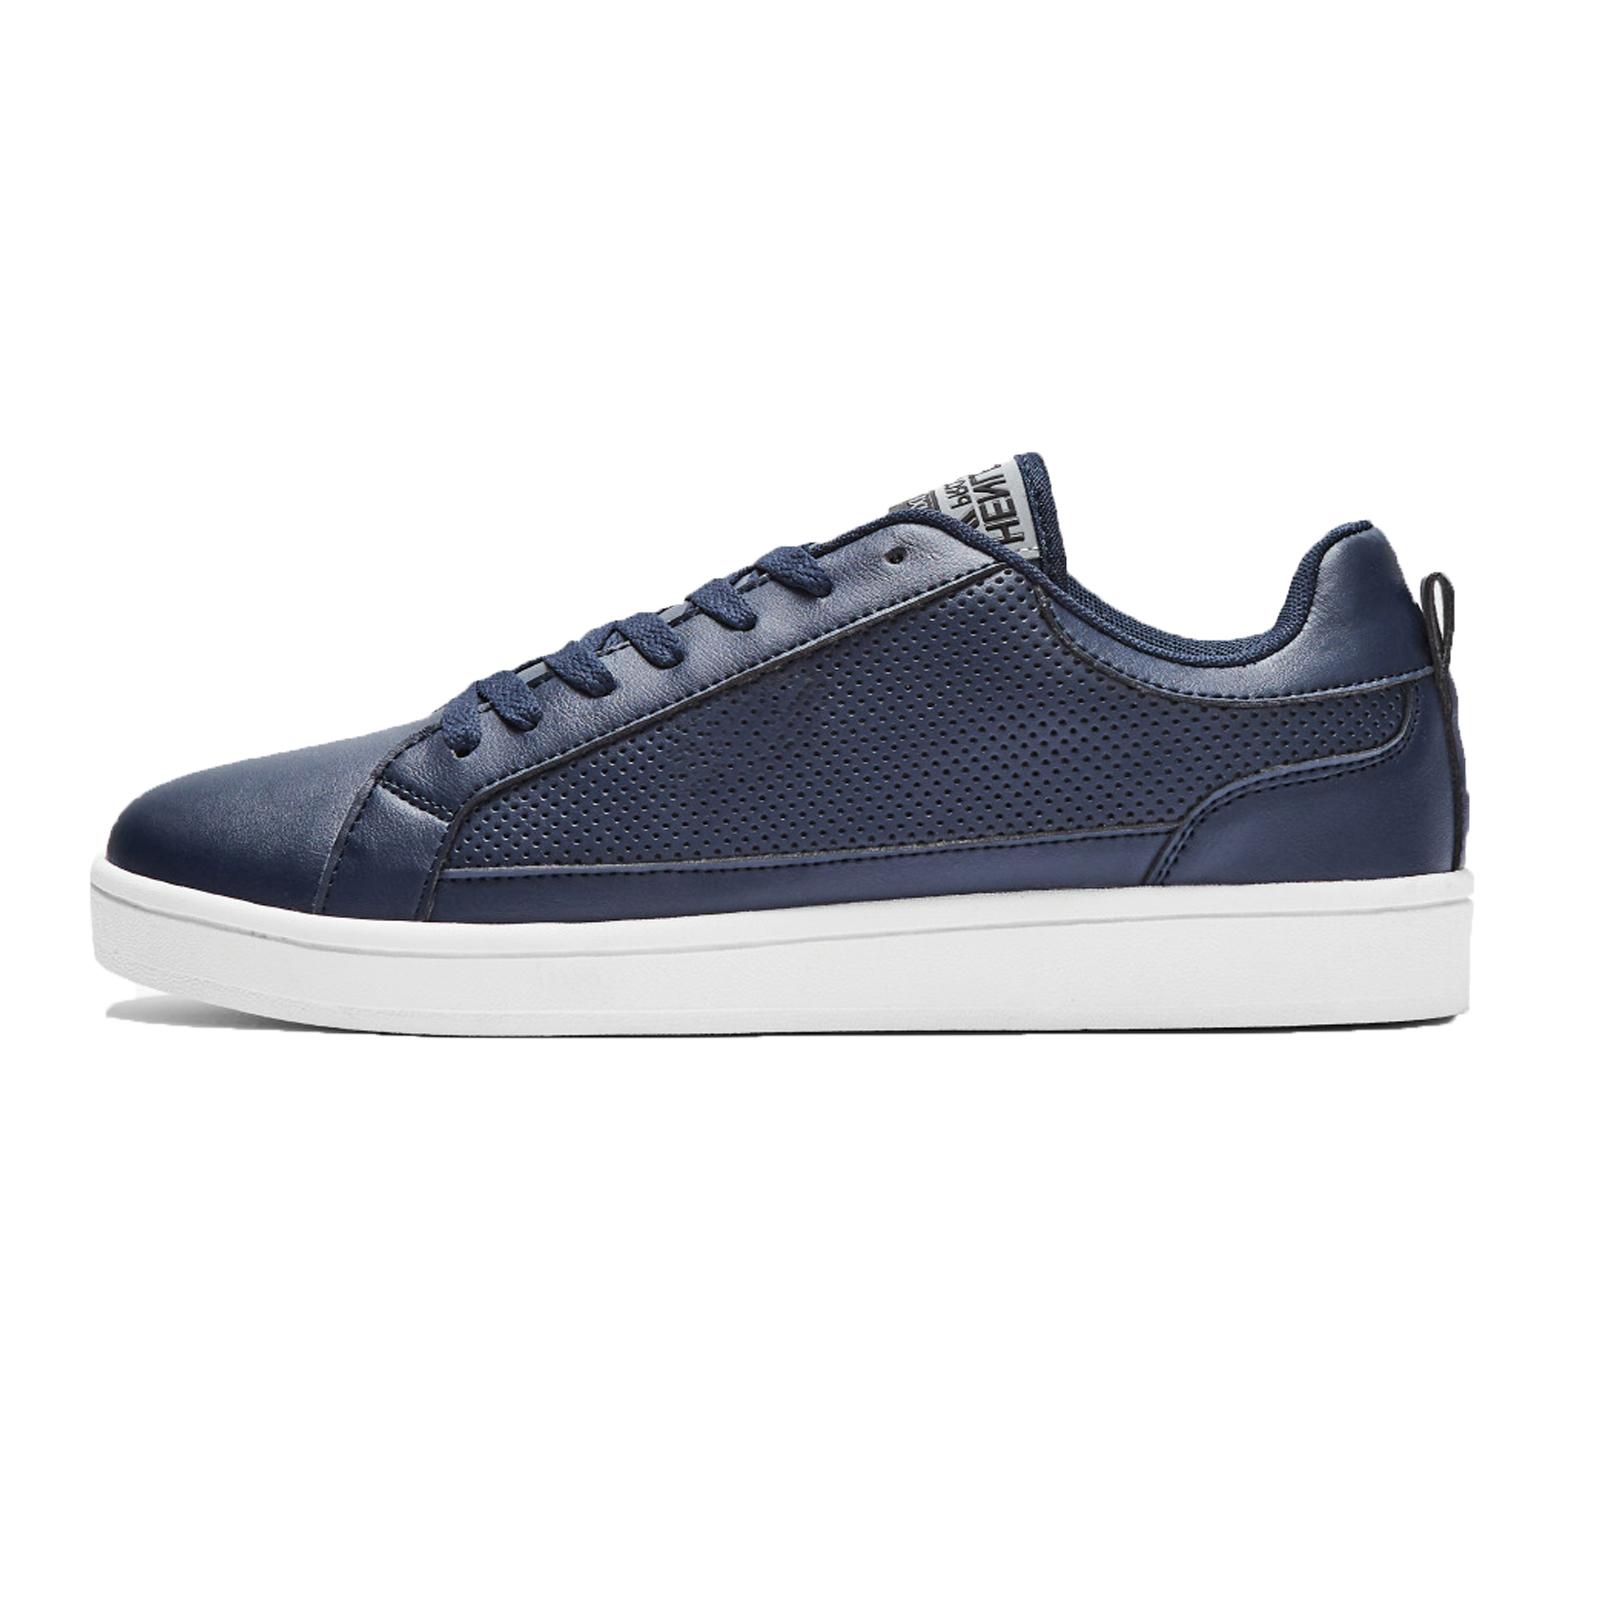 Henleys-Para-hombre-Drexel-Cupsole-Con-Cordones-Zapatillas-Bajo-Top-Zapatos-Zapatos-De-Salon-Casual miniatura 11